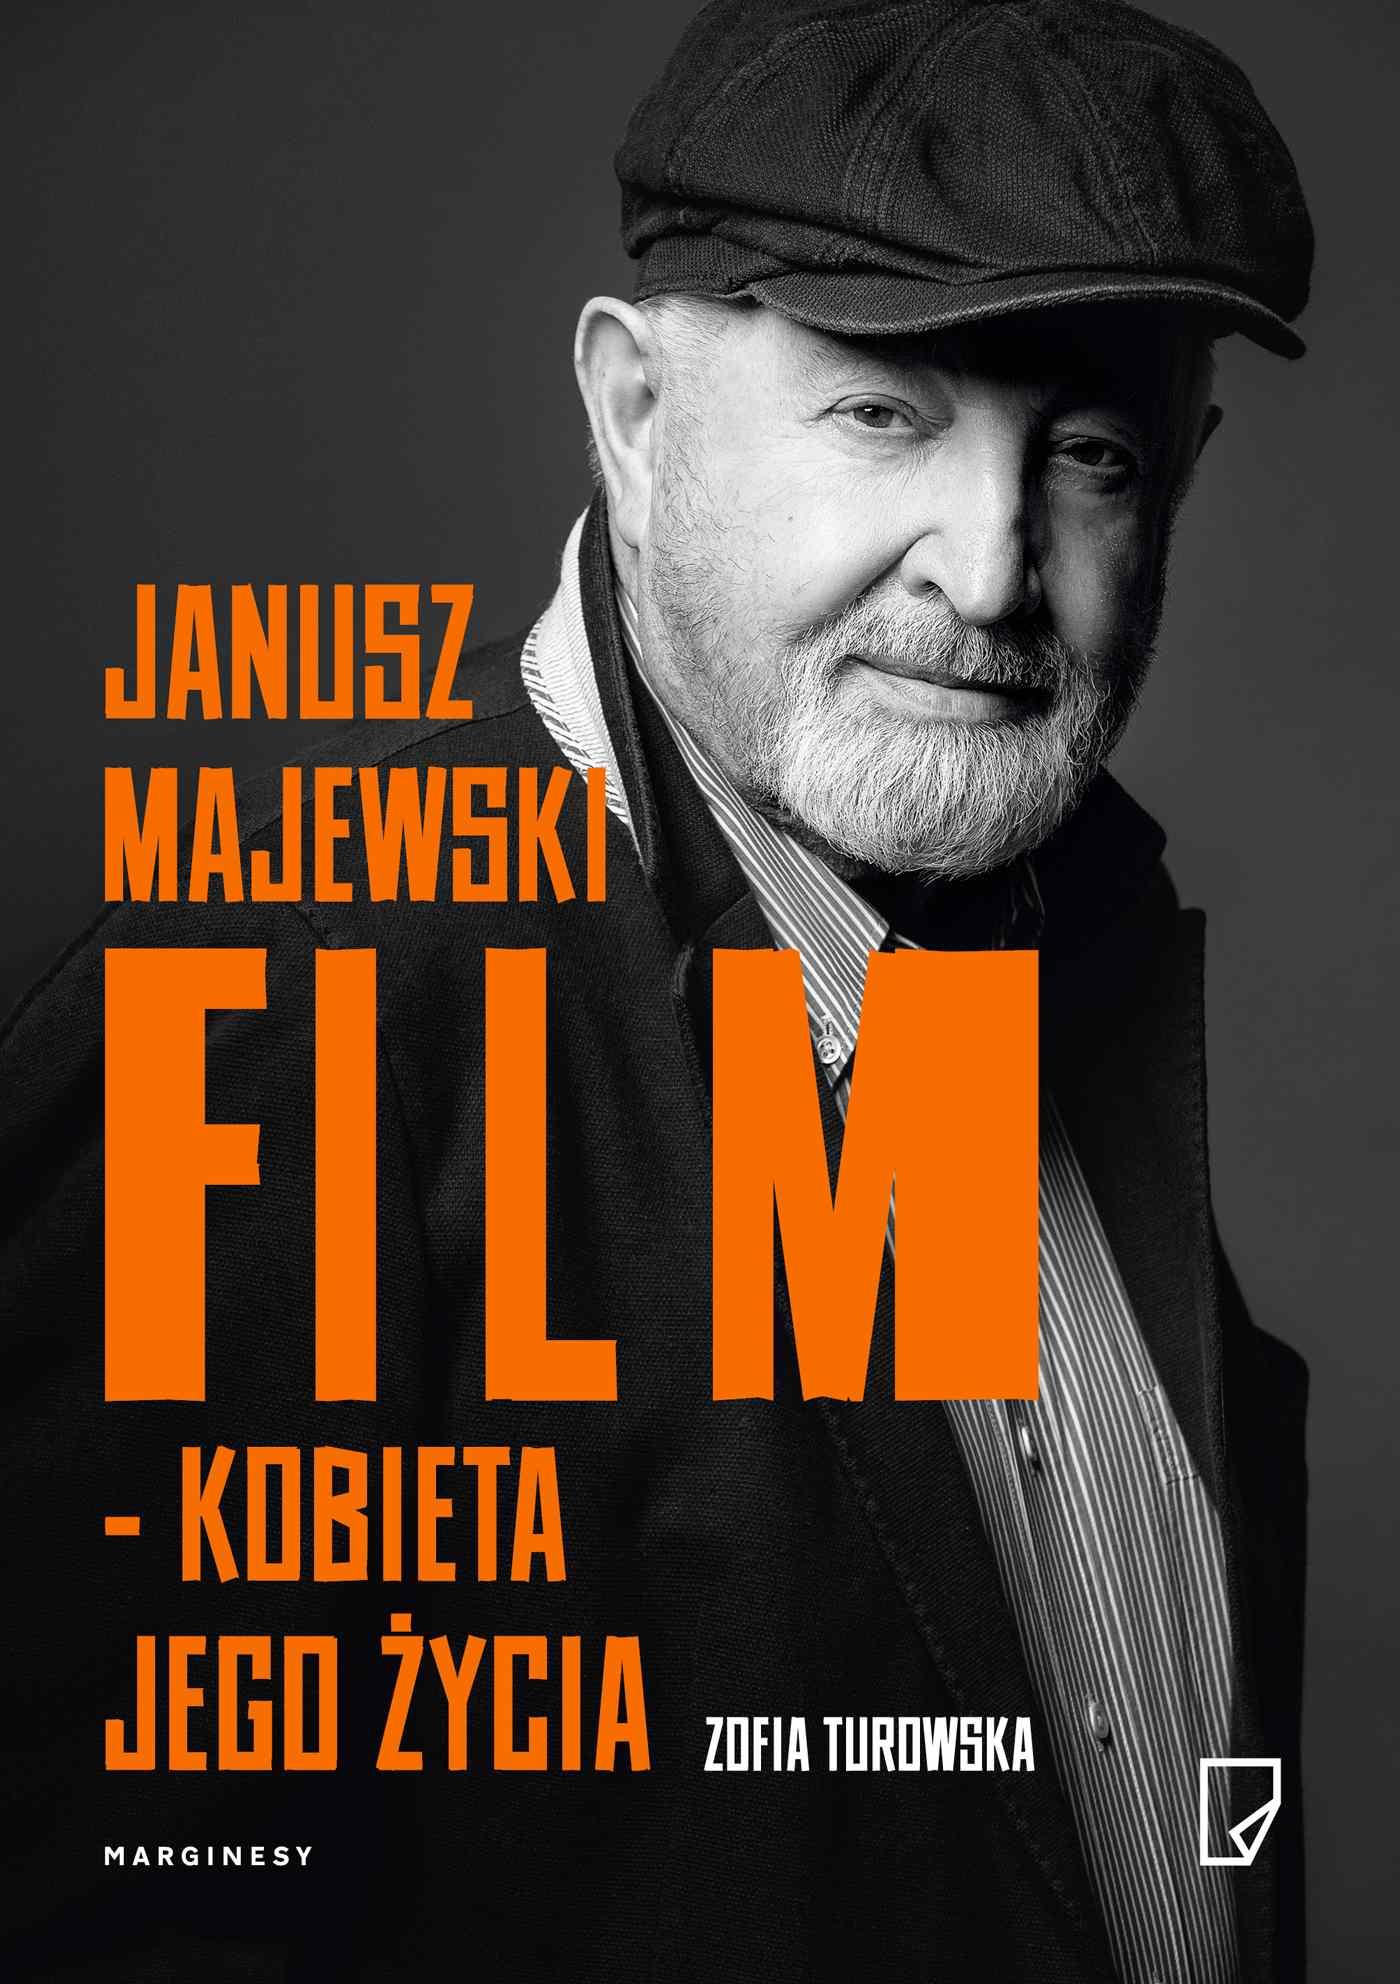 Janusz Majewski – film kobieta jego życia - Ebook (Książka EPUB) do pobrania w formacie EPUB